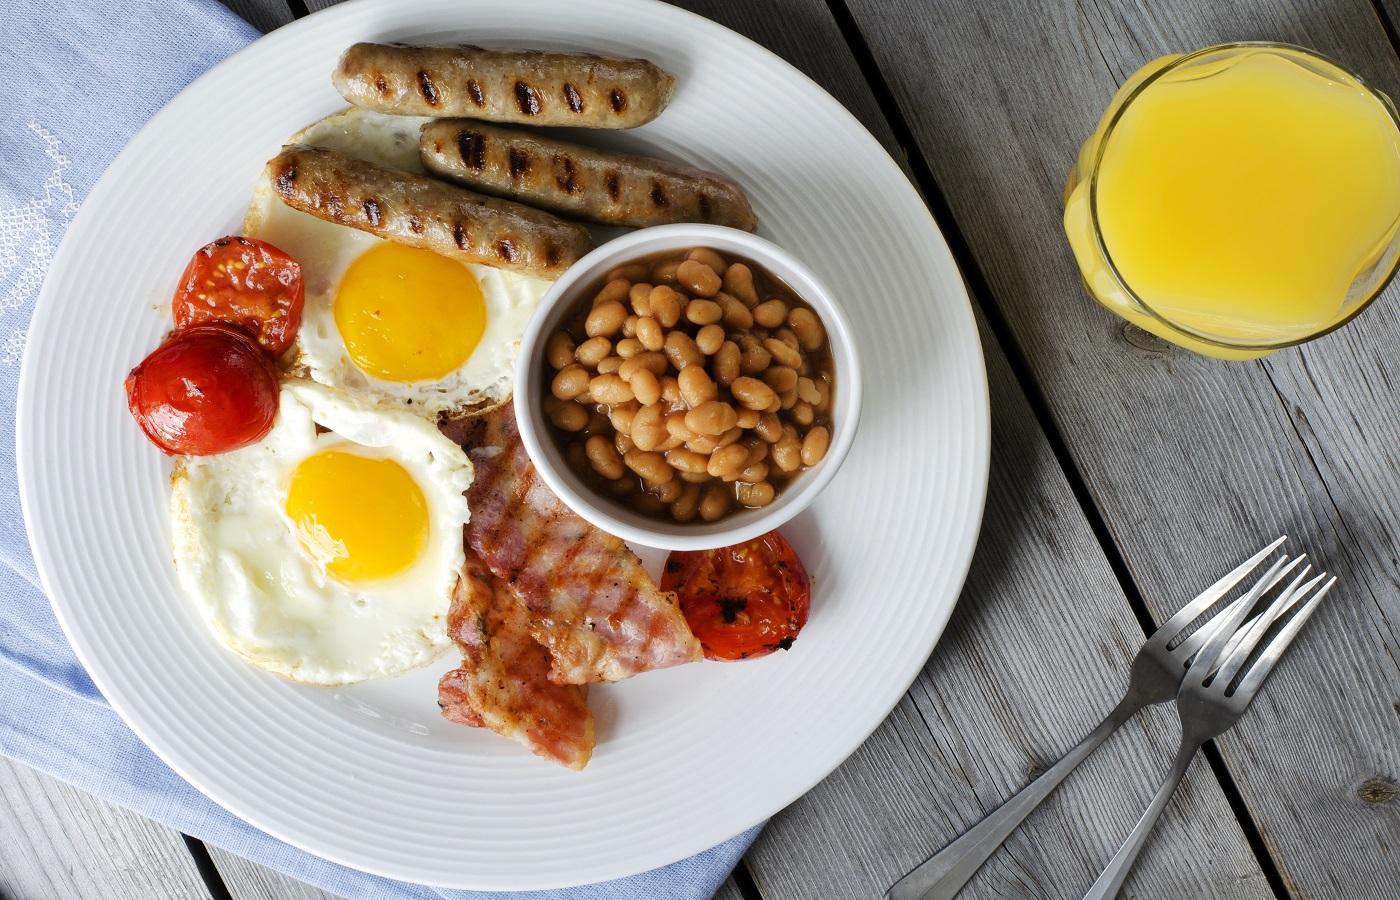 Beans, eggs, Sausage, British Breakfast